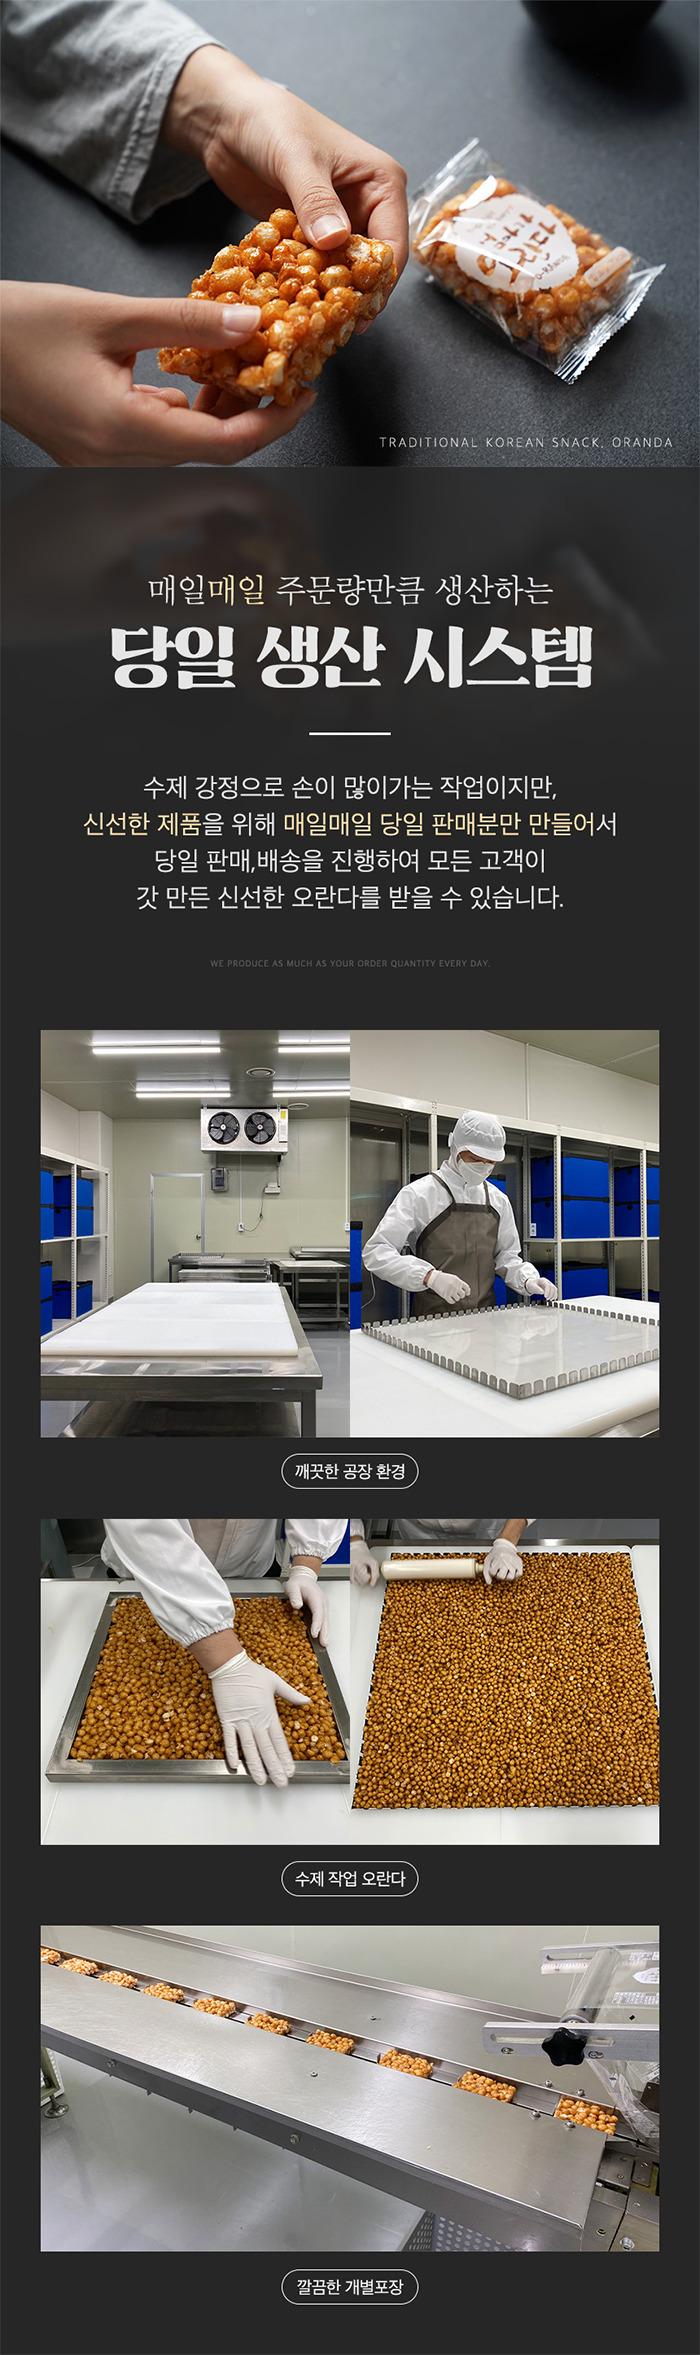 2021-엄마가-오란다-수제강정-상세종합_04.jpg